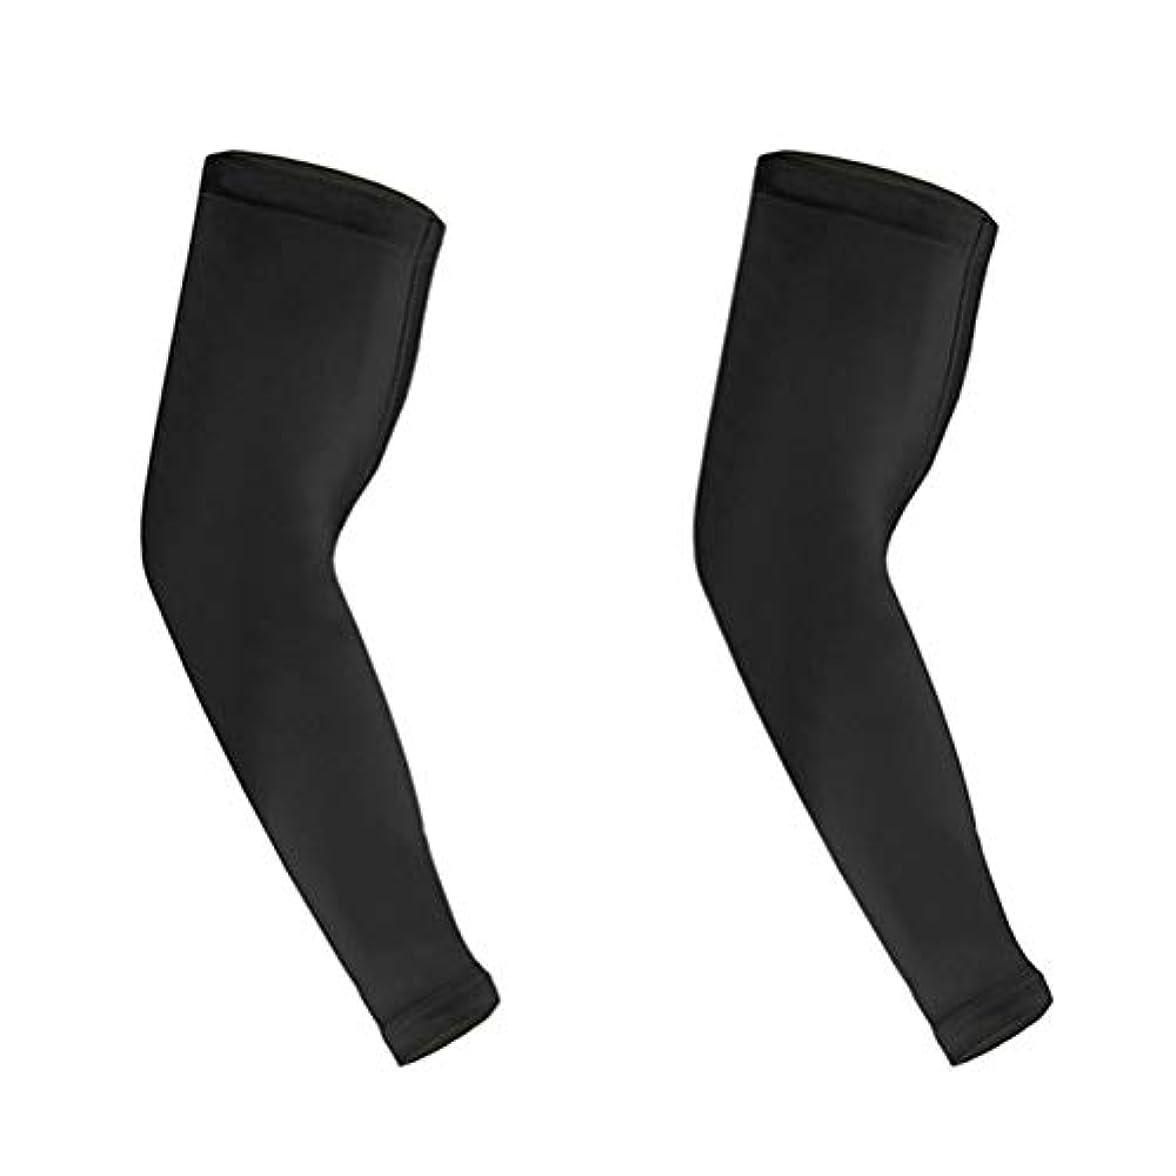 物足りない正統派底HEALIFTY 男性用スポーツアームスリーブ肘袖ロング肘サポートスリーブM 2本(ブラック)